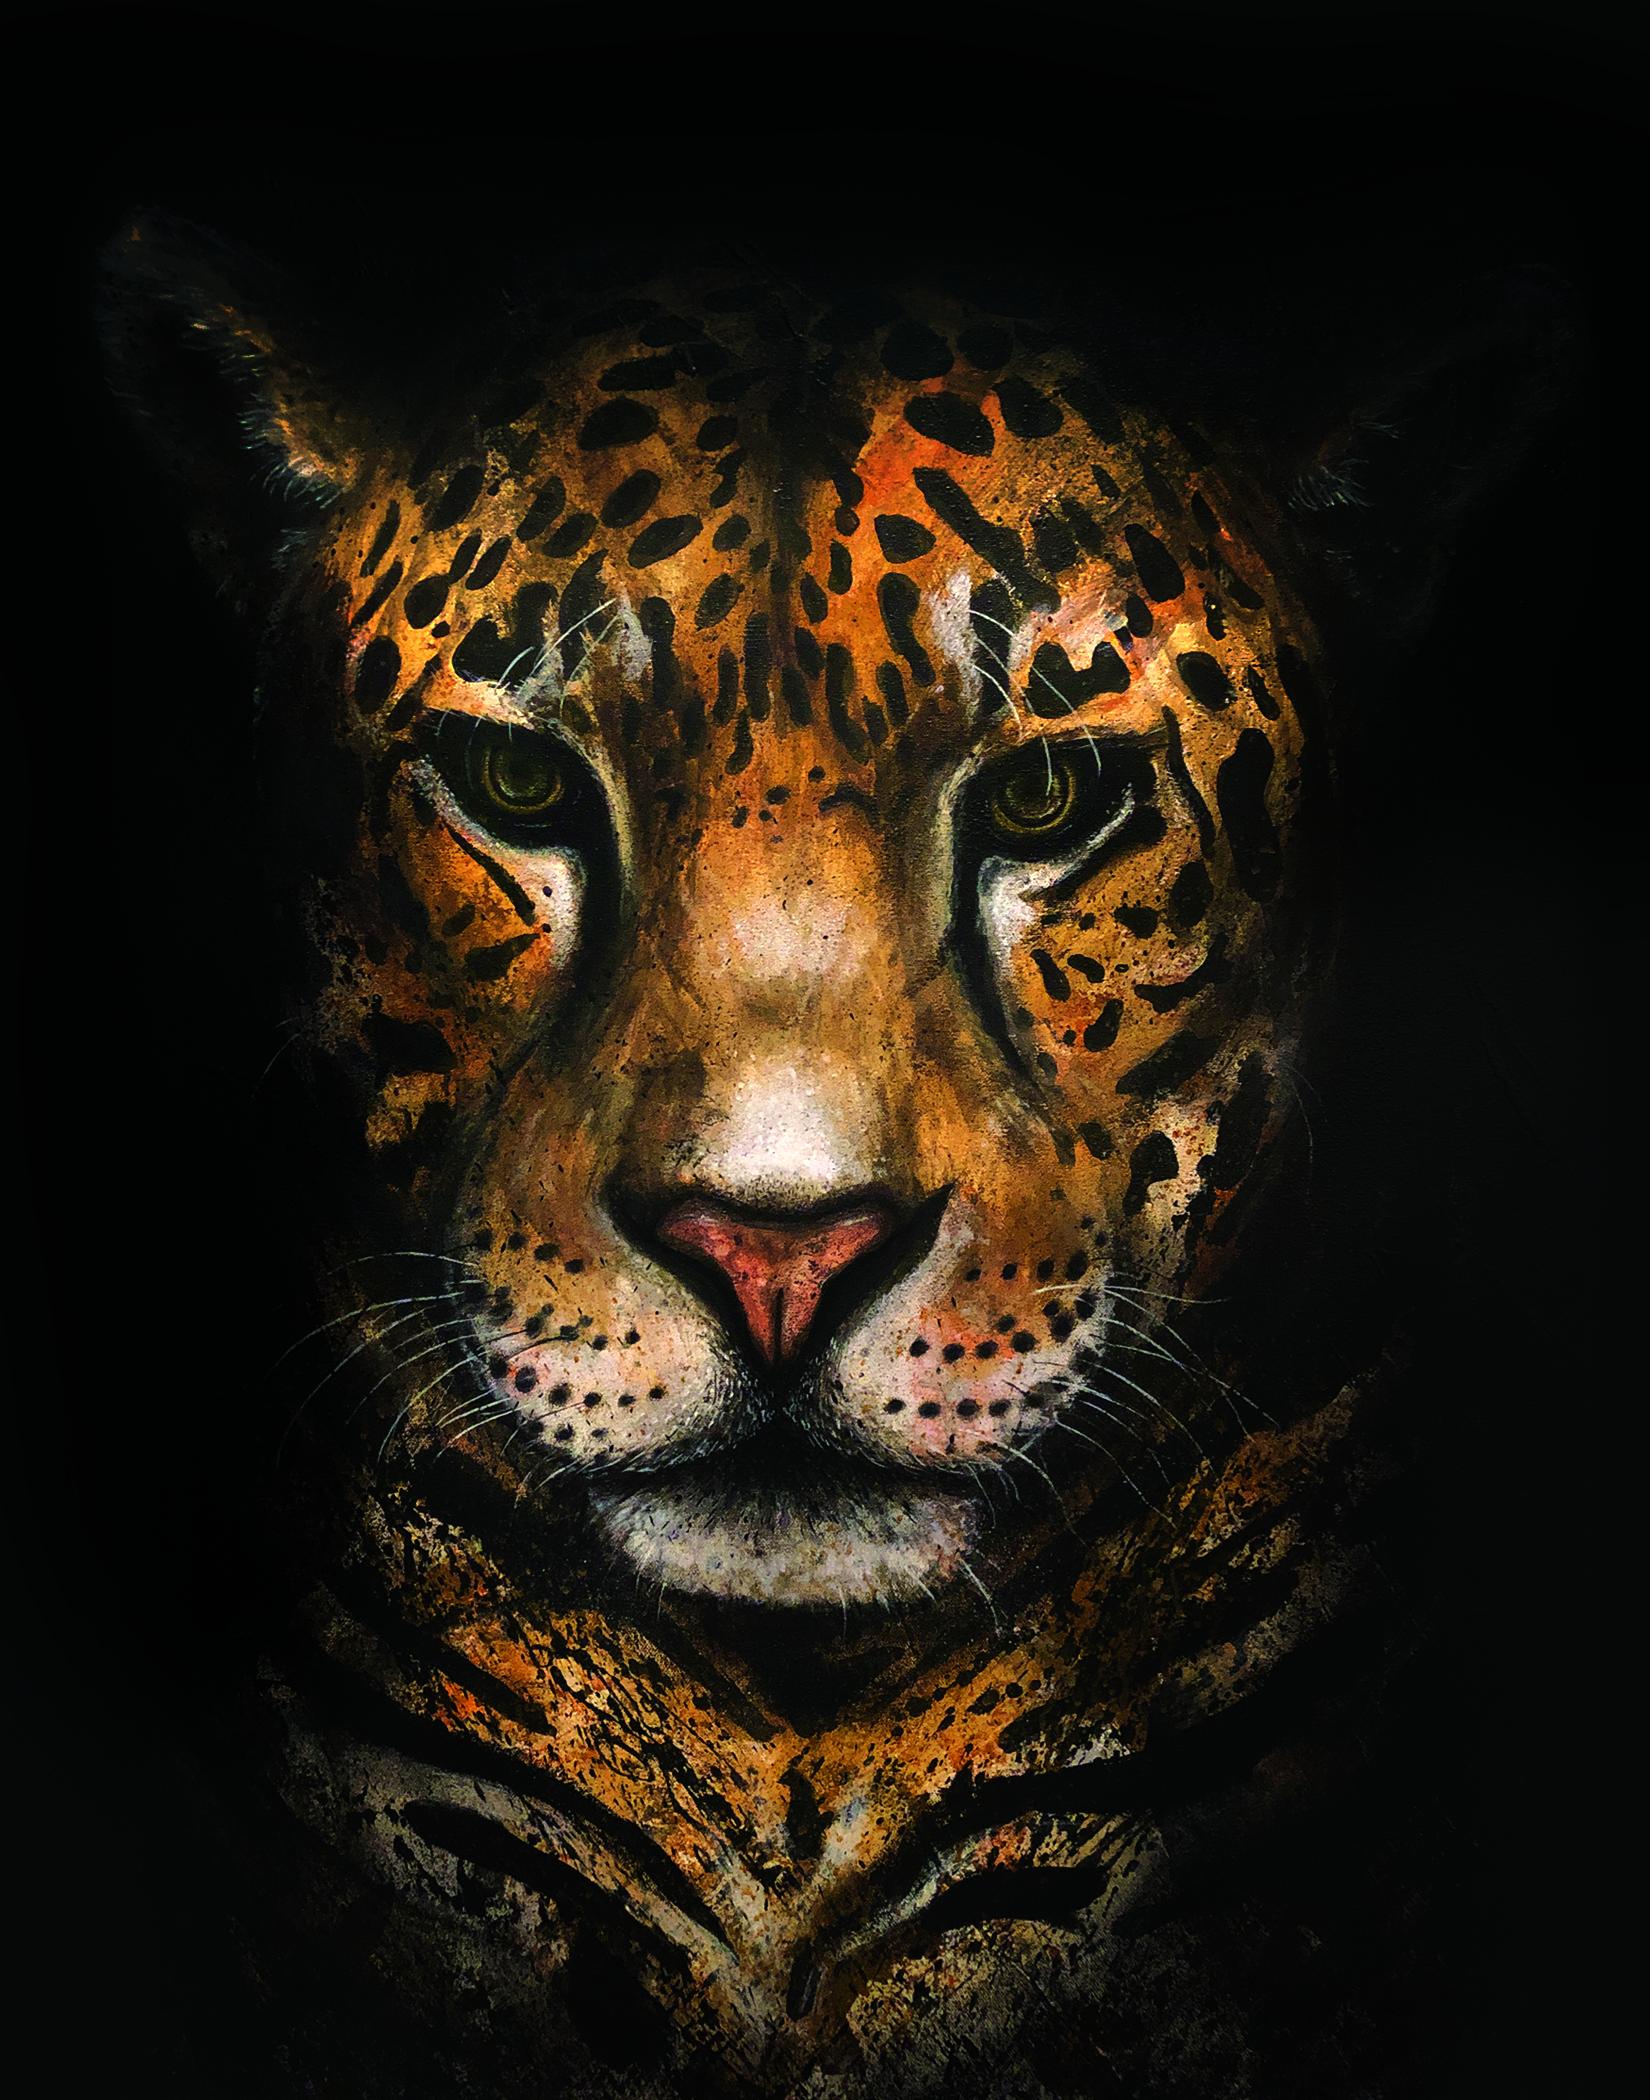 jaguar1pic.jpg